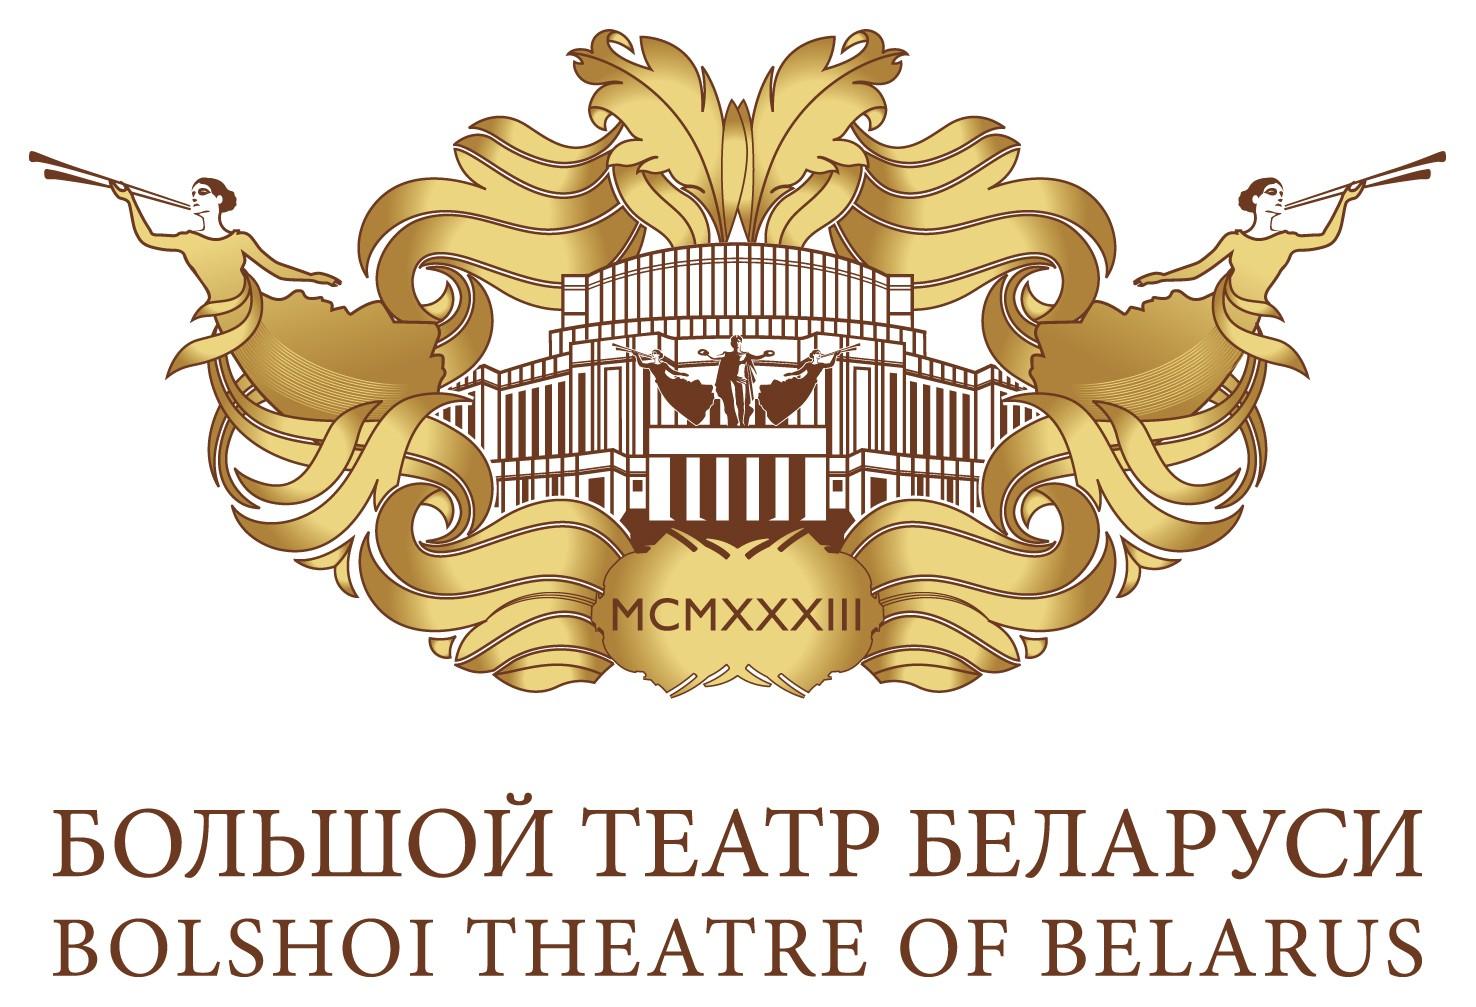 Большой театр оперы и балета РБ